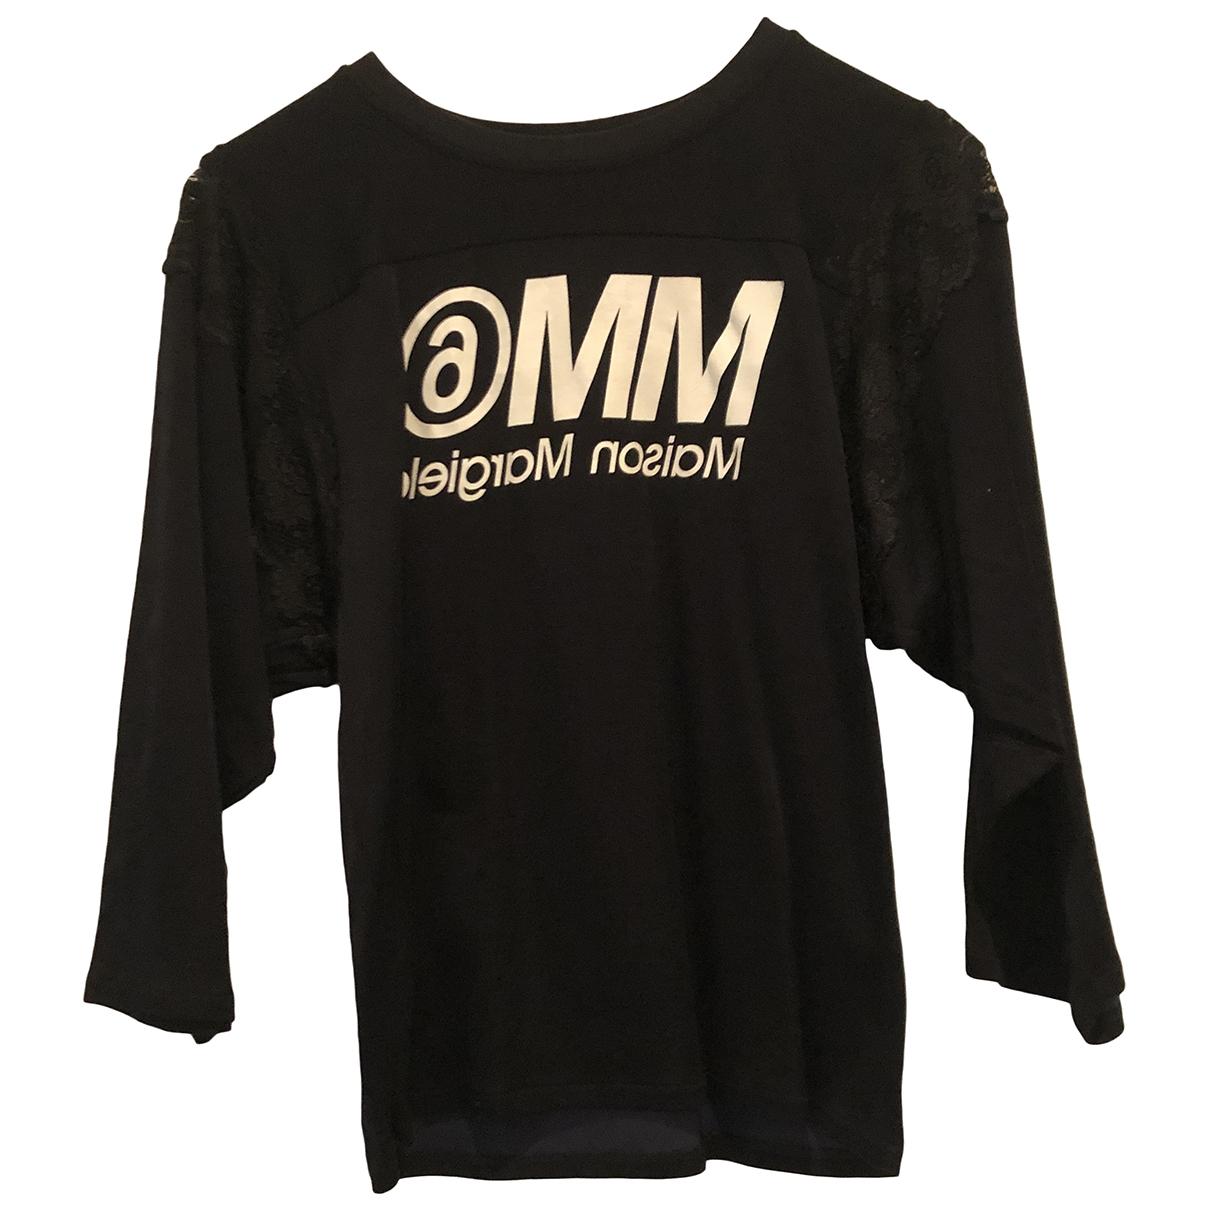 Mm6 - Top   pour femme - marine